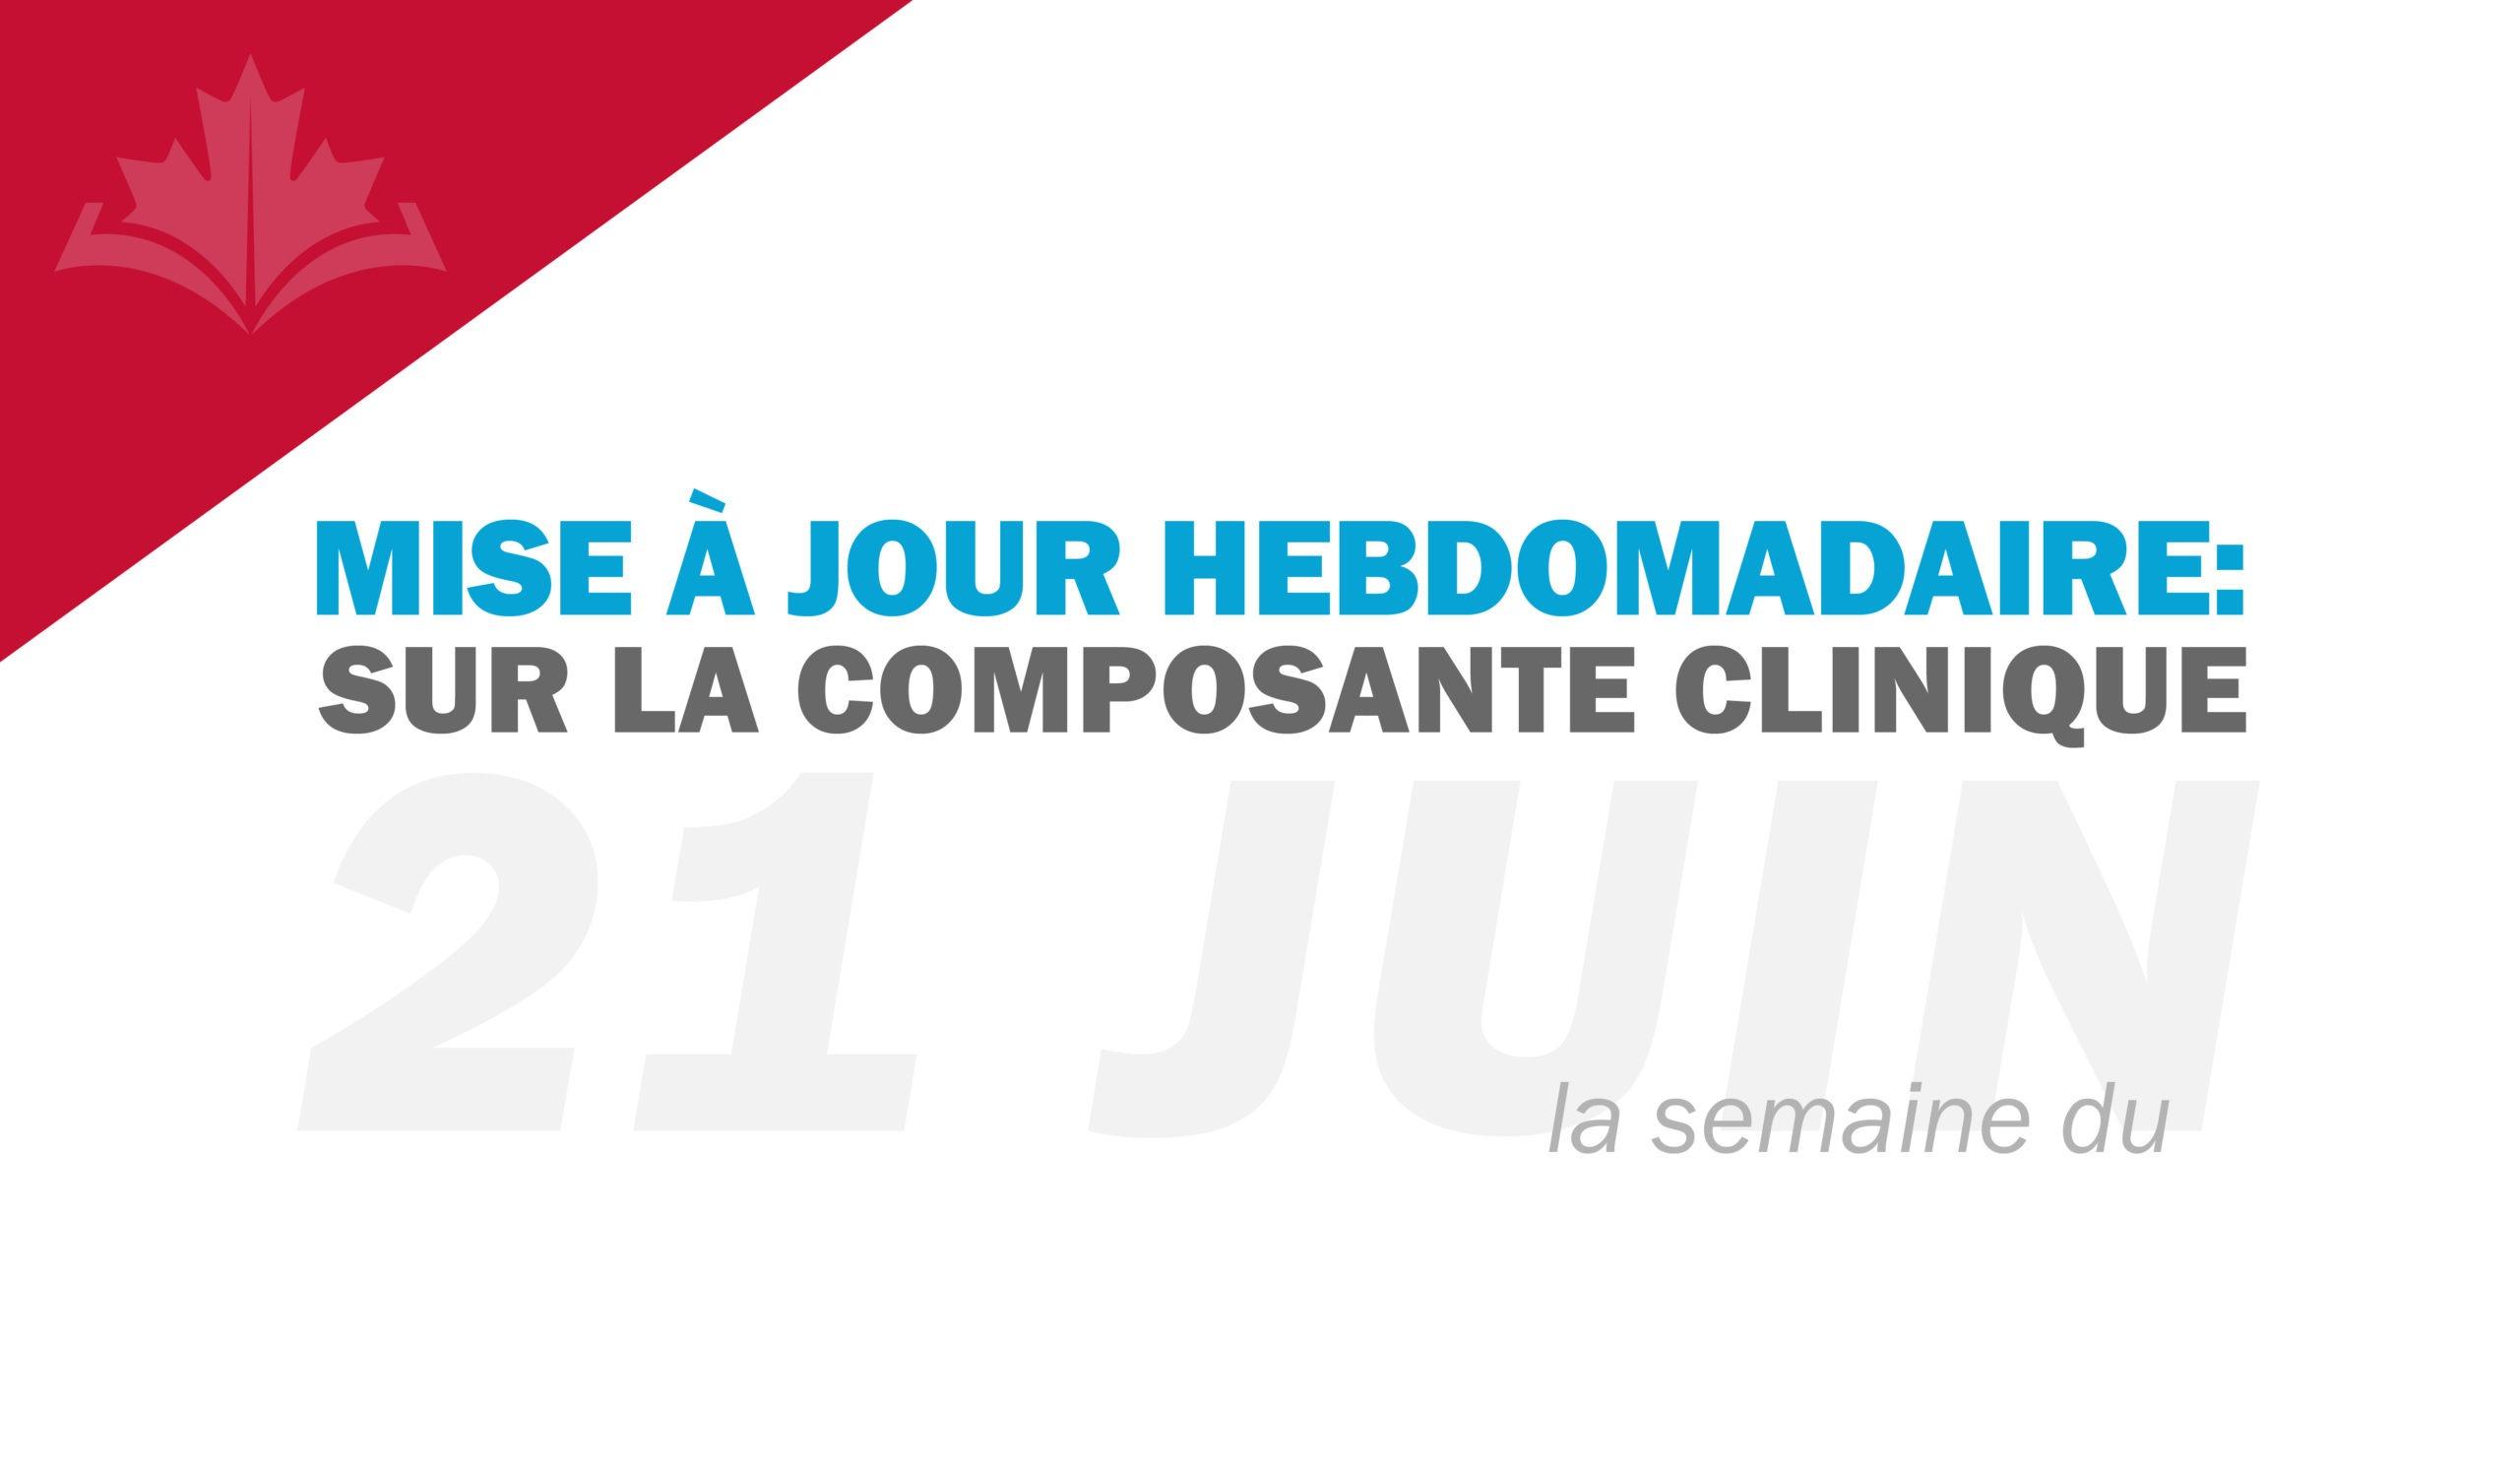 Mise à jour hebdomadaire sur la composante clinique : semaine du 21 juin